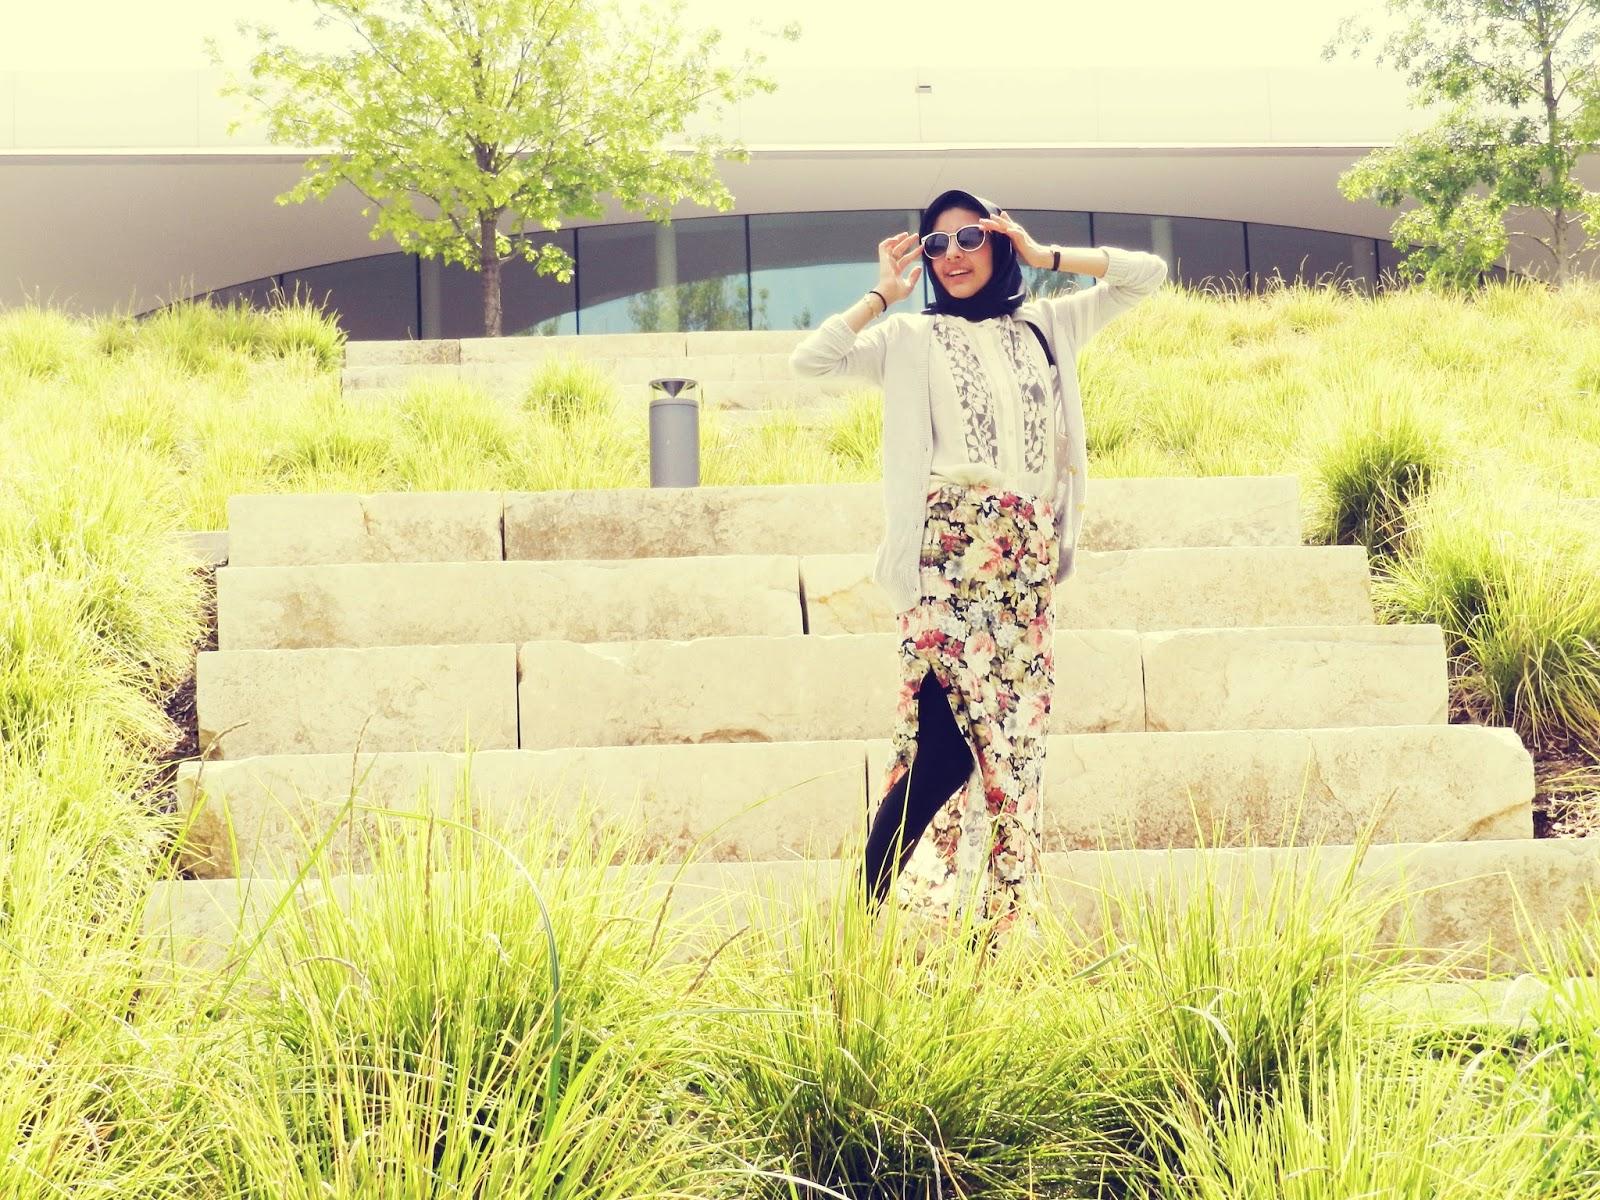 hijab ootd, hijab fashion blog, muslim fashion blog, floral maxi skirt